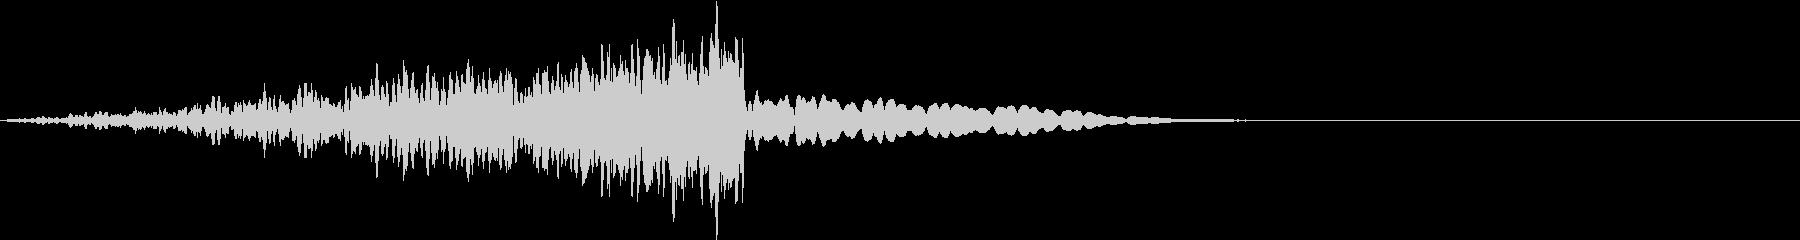 劇中のノイズの未再生の波形